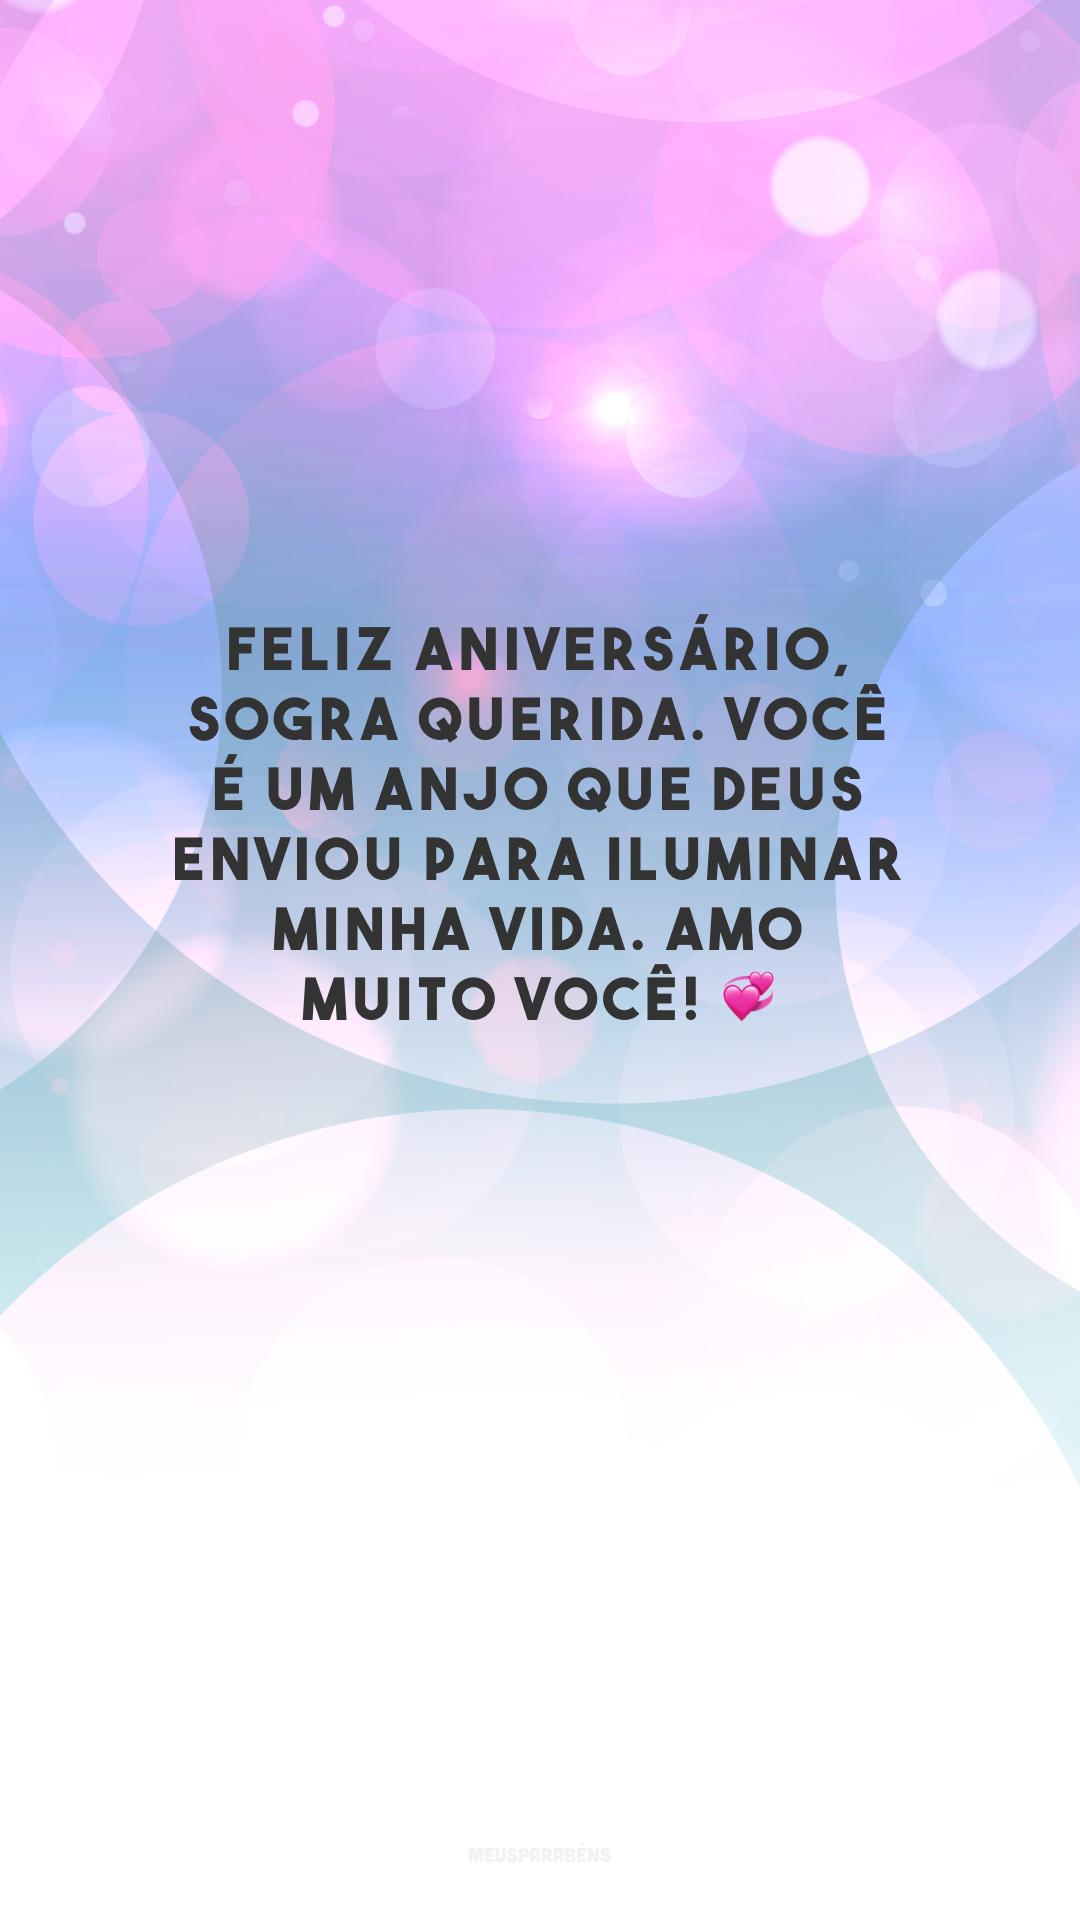 Feliz aniversário, sogra querida. Você é um anjo que Deus enviou para iluminar minha vida. Amo muito você! 💞